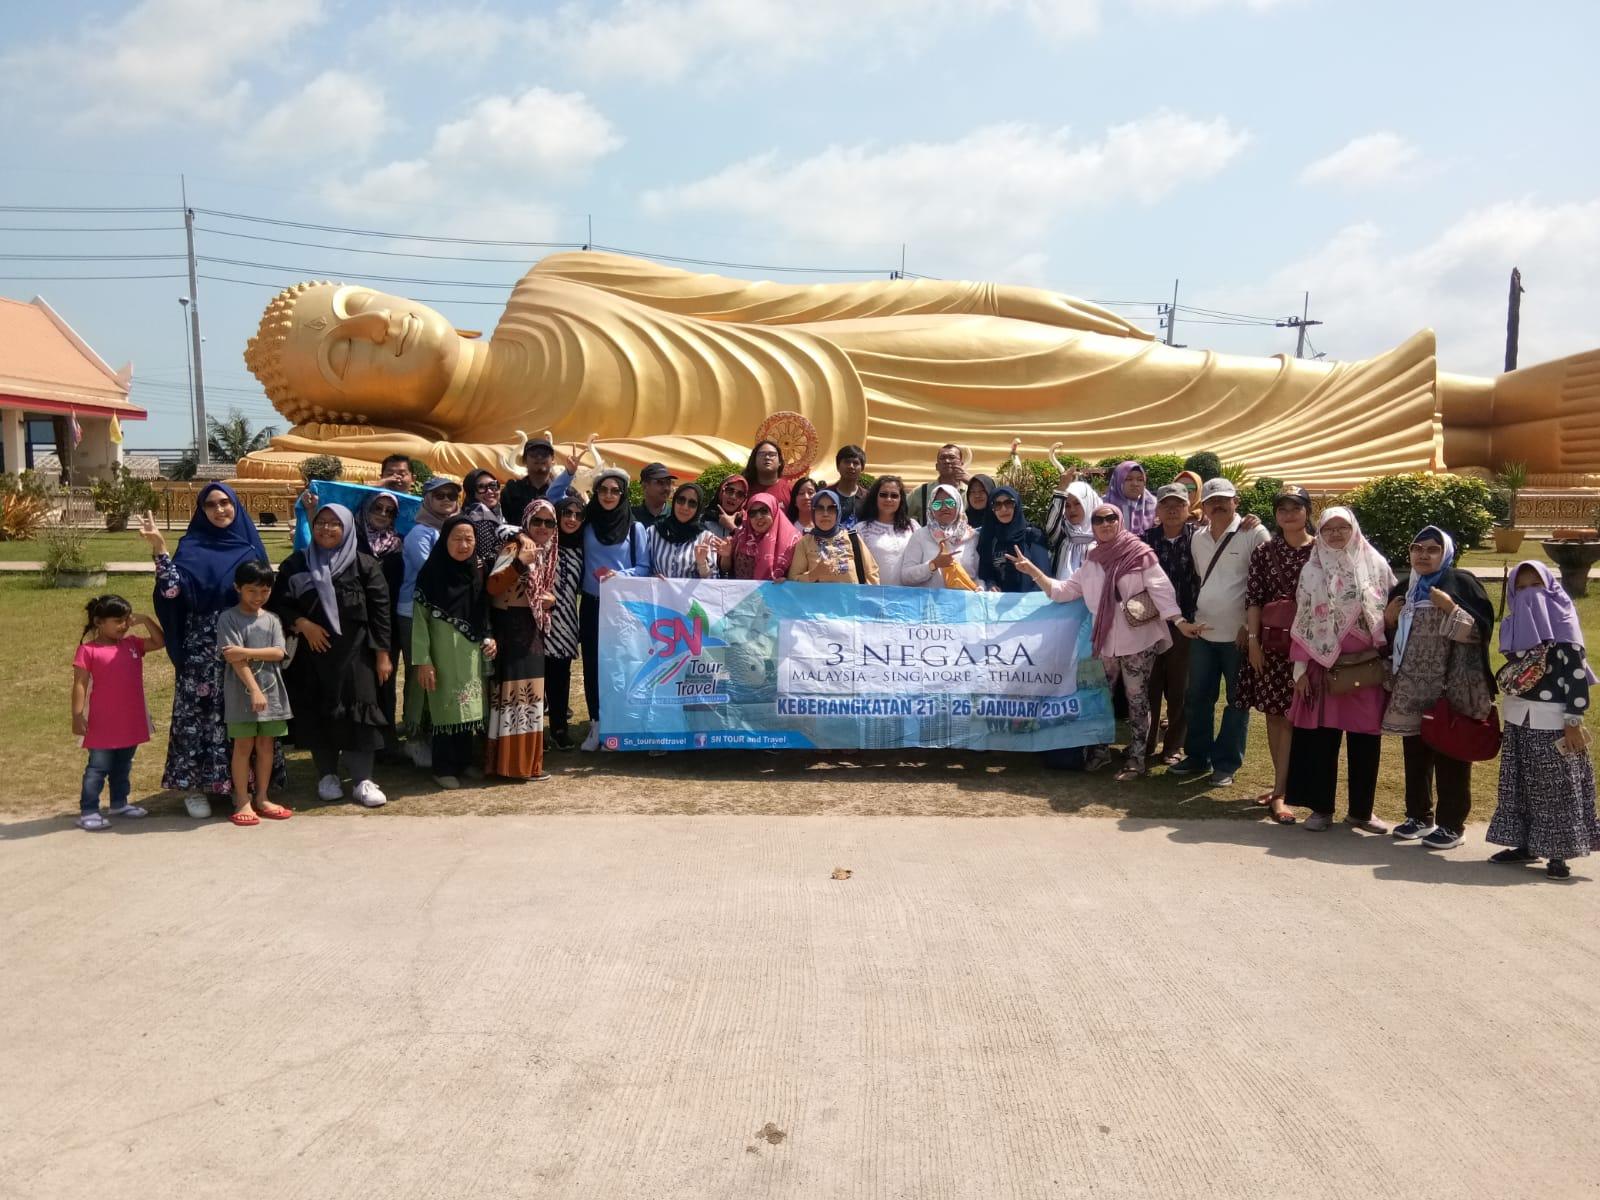 TOUR 3 NEGARA (SIN-KL-THAI) 21 - 26JAN 2019